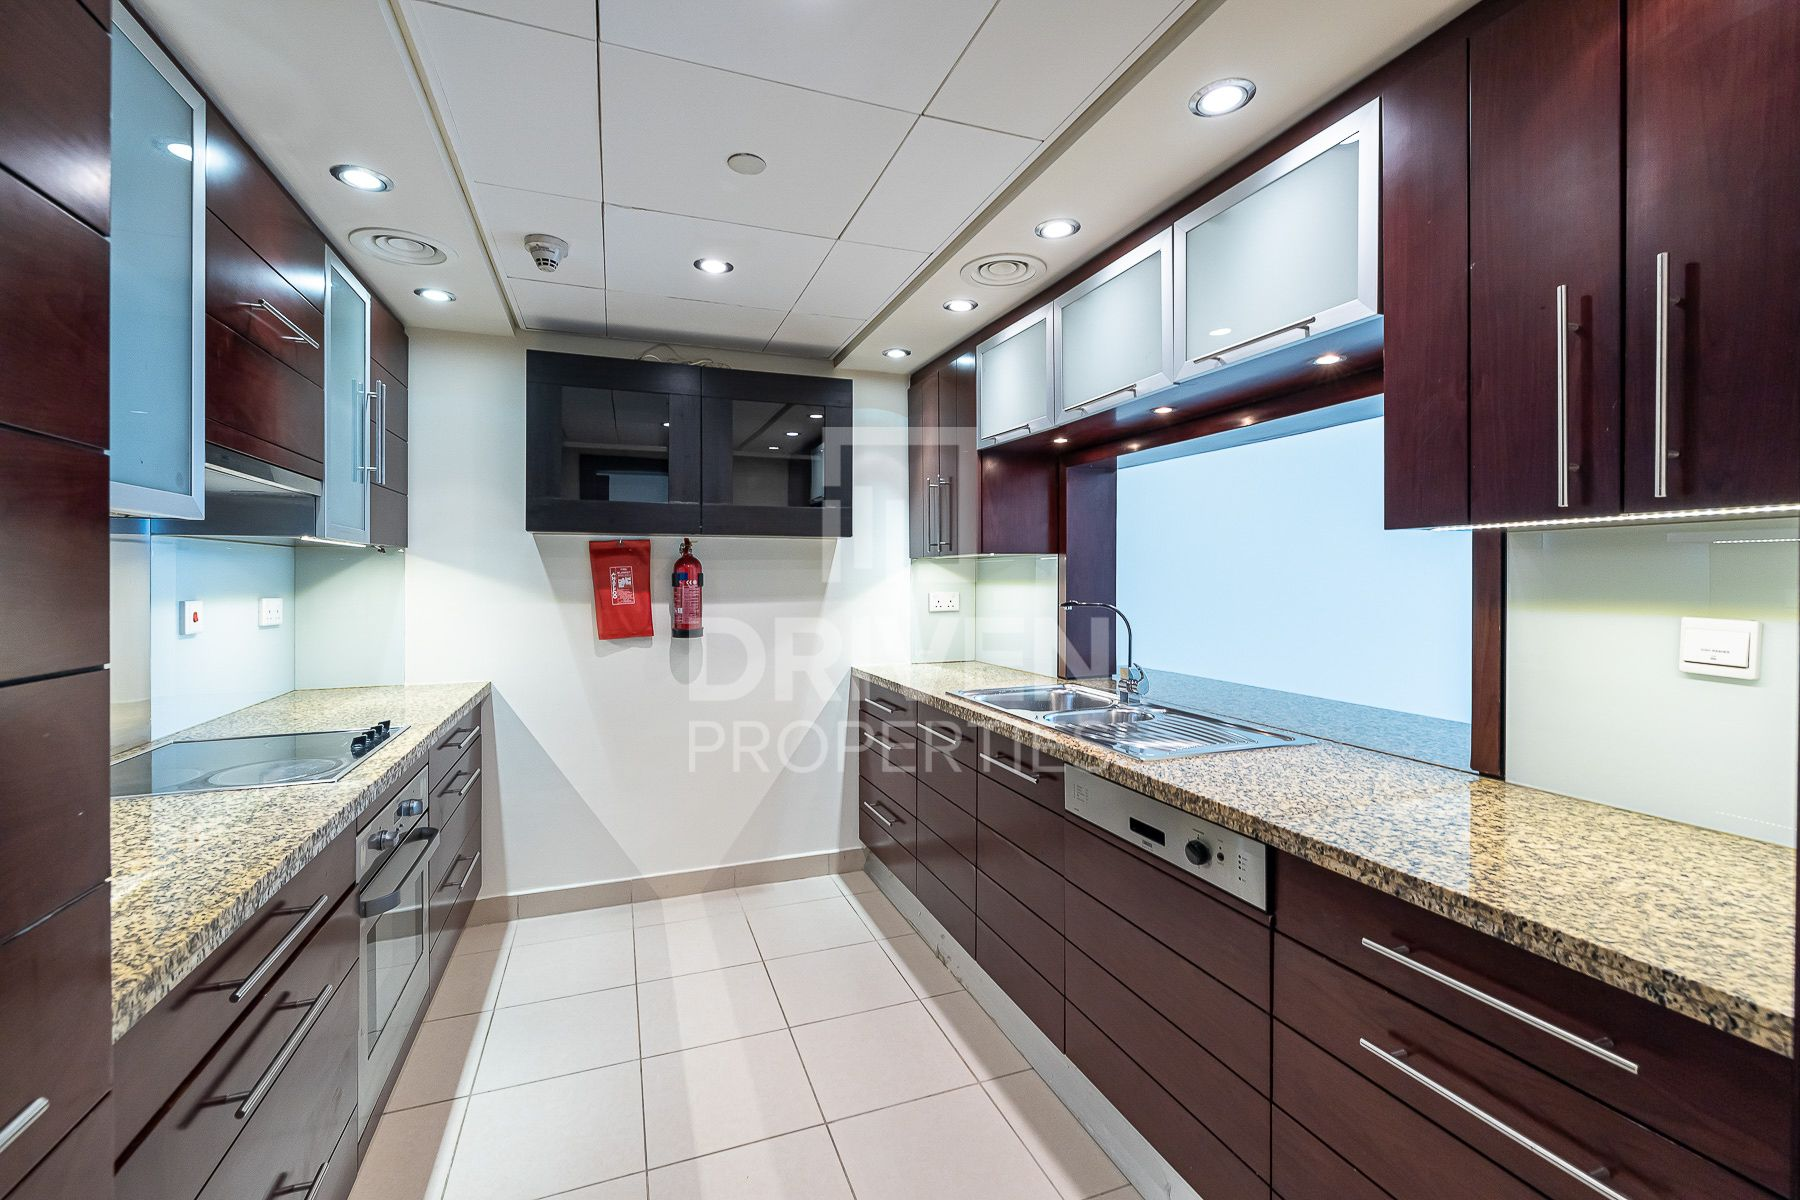 للبيع - شقة - C برج فيوز - دبي وسط المدينة